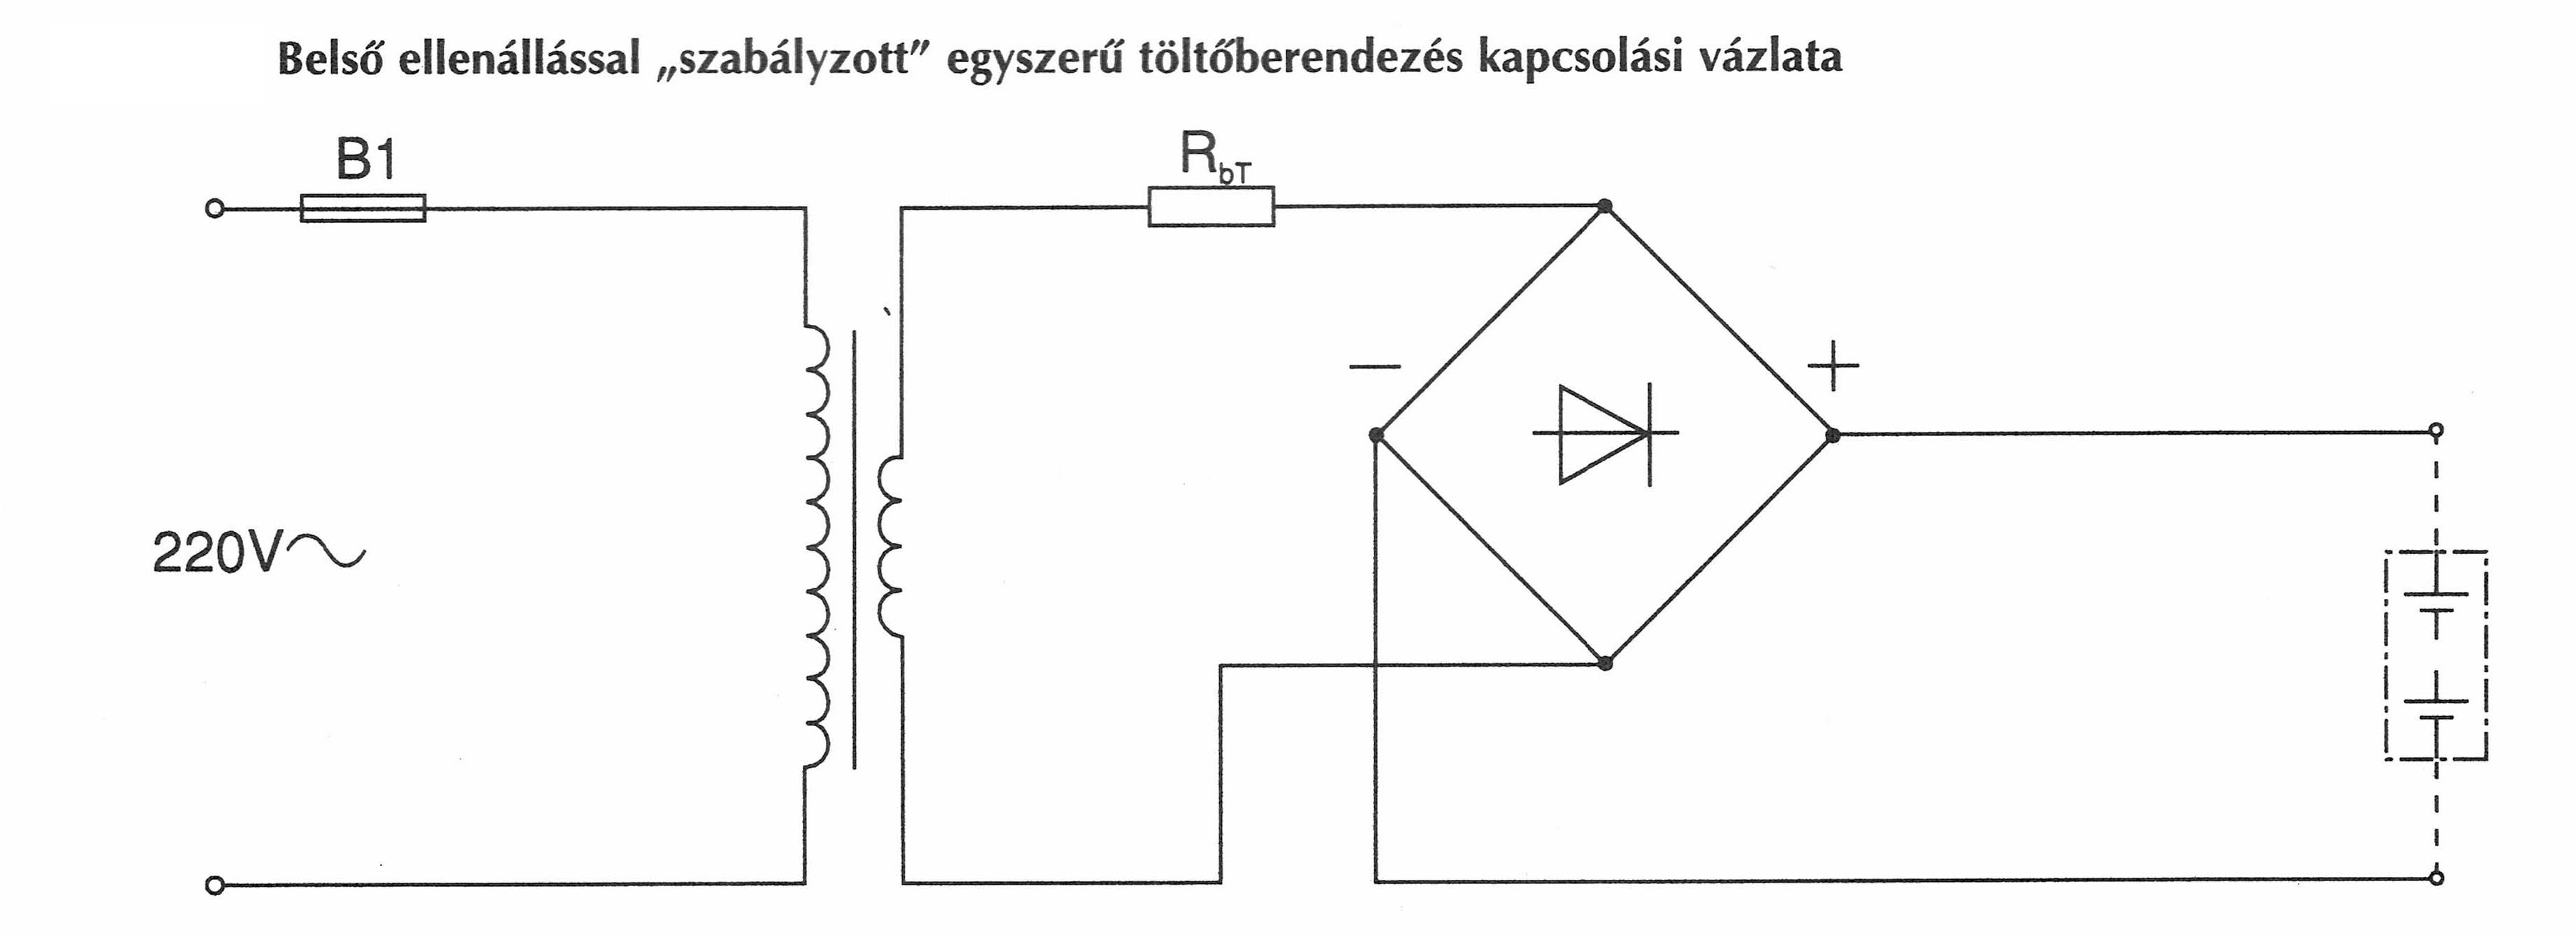 Belső ellenállással ellátott akkumulátor töltő kapcsolási ábra